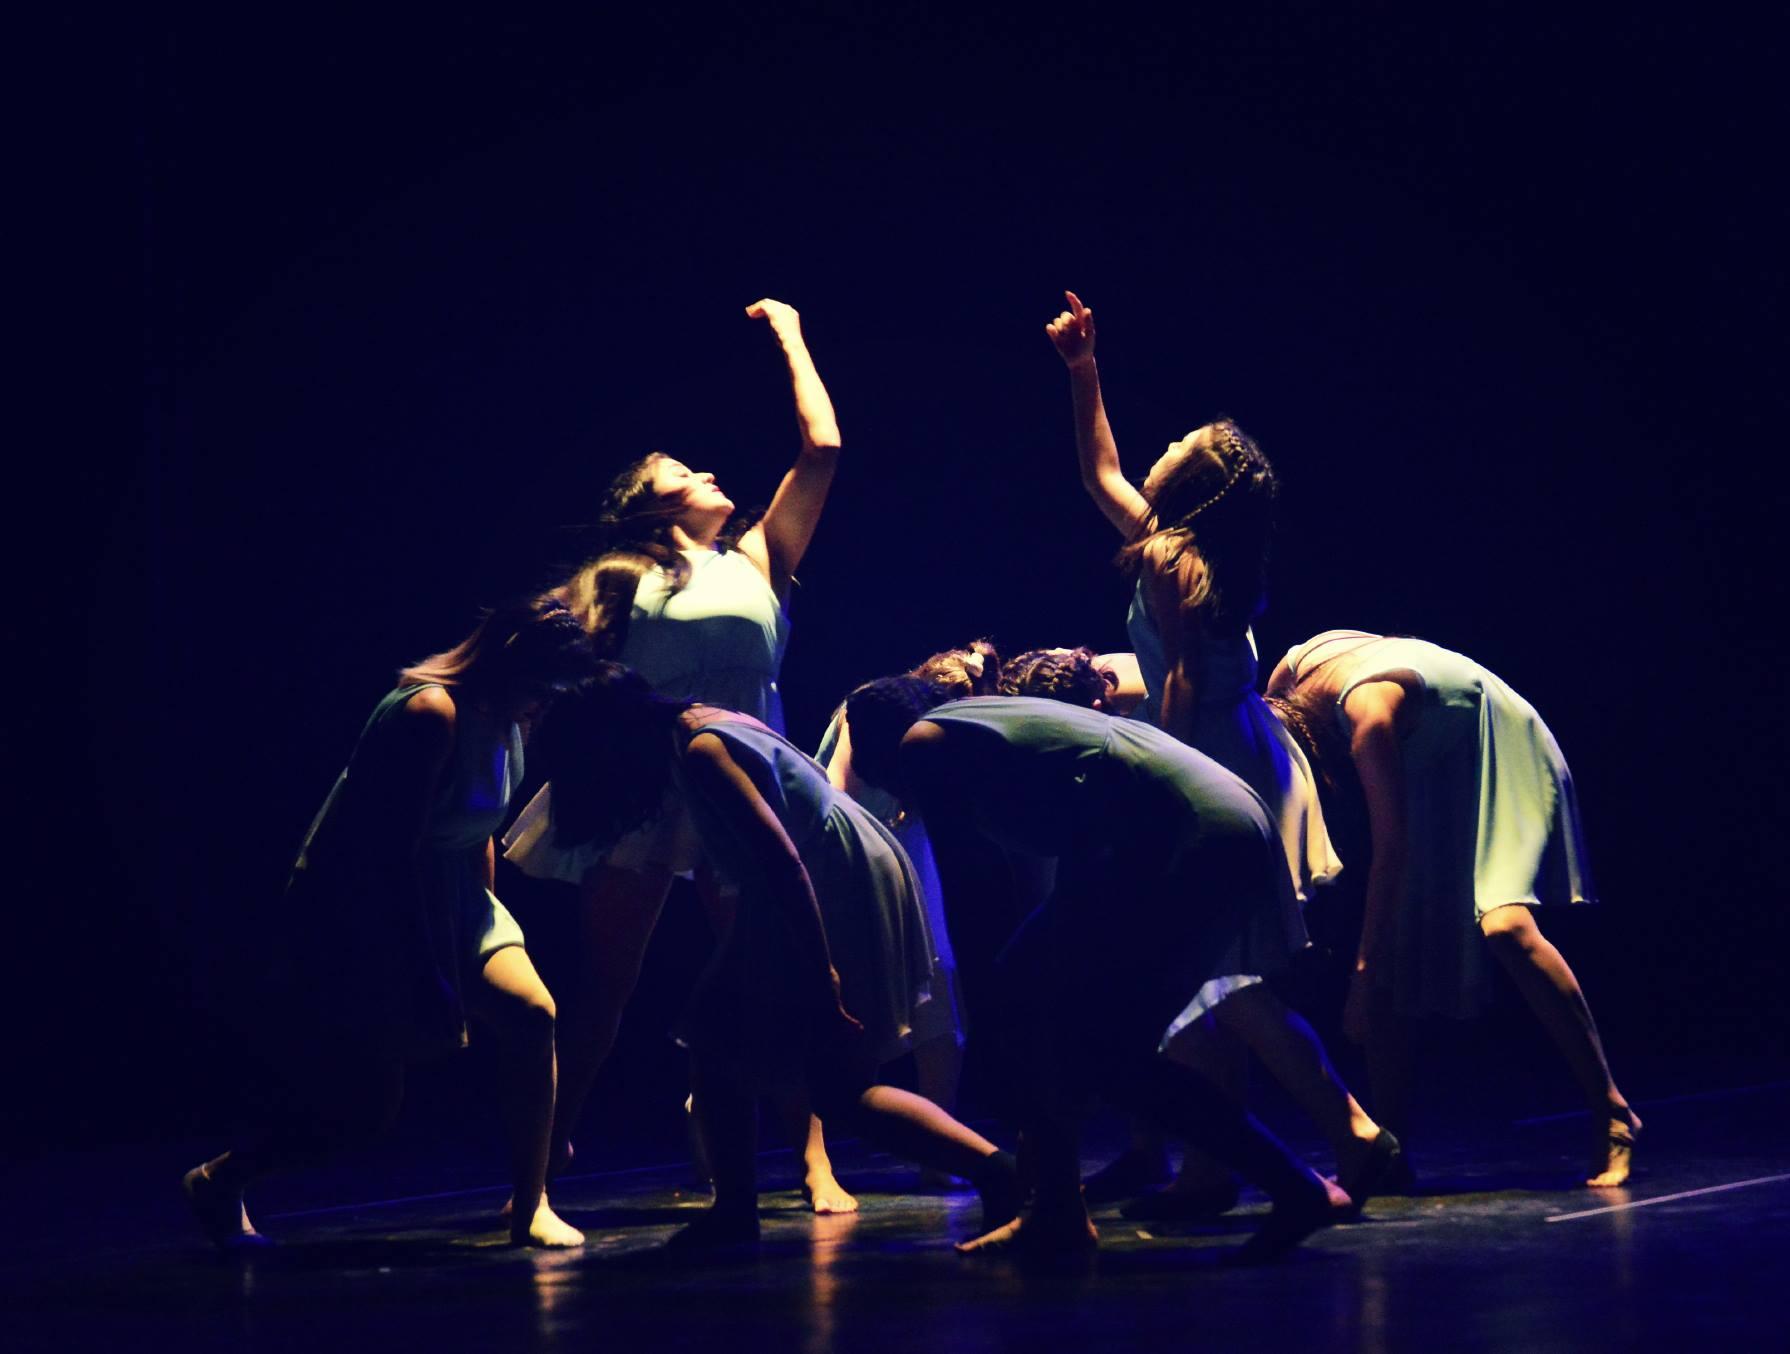 Escuela de Danza en San Isidro 2